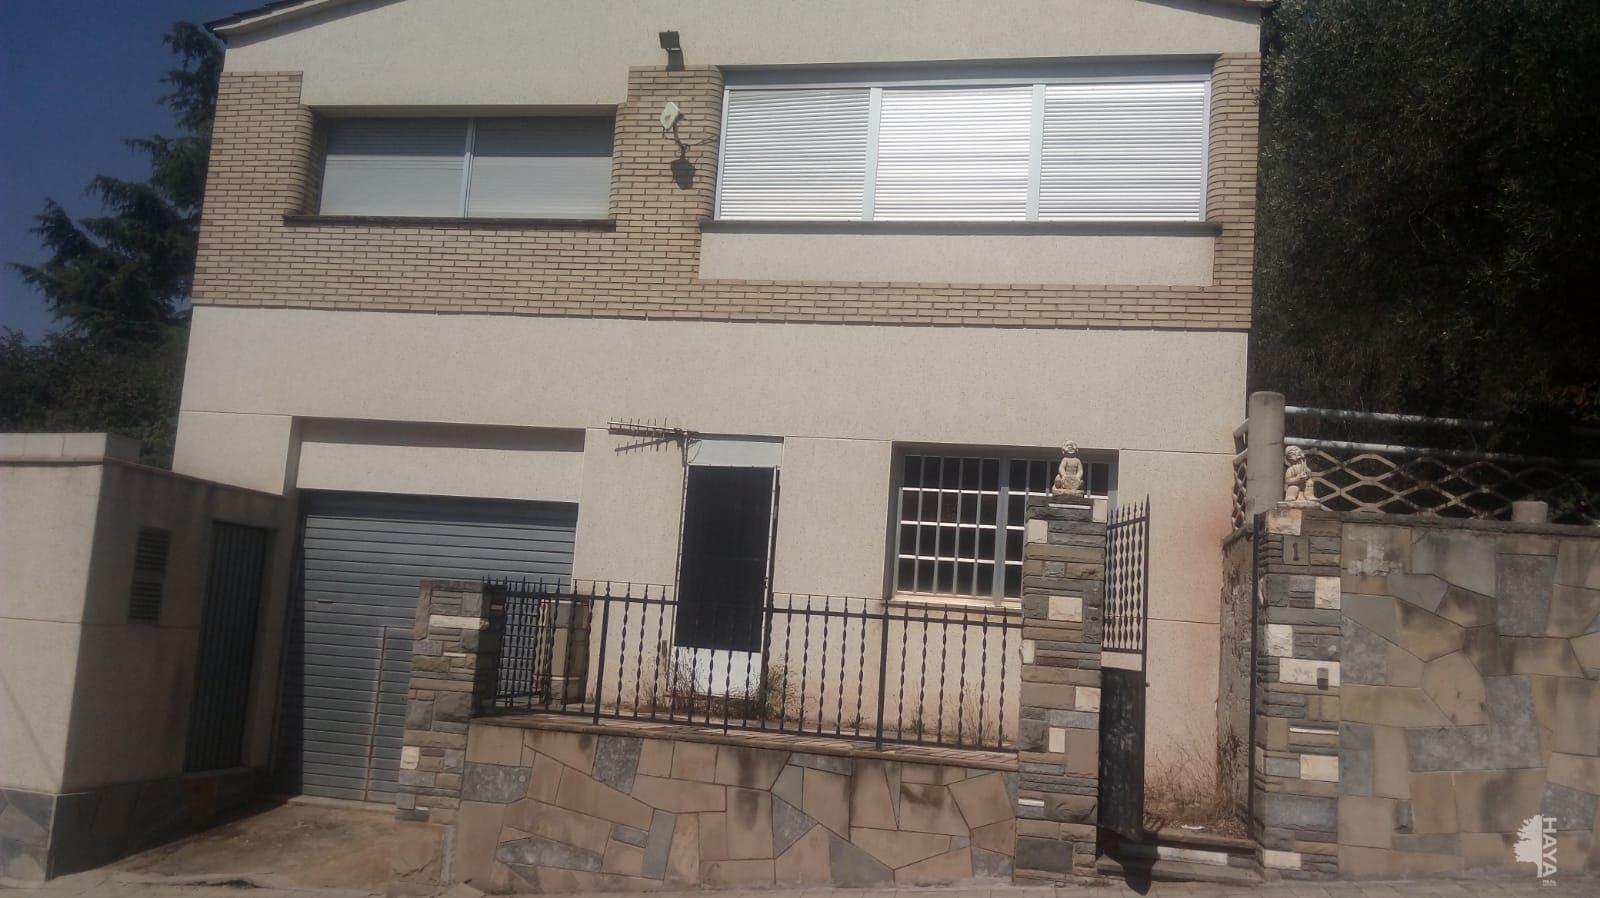 Casa en venta en La Figuerola, Castellnou de Bages, Barcelona, Calle Barcelona, 217.042 €, 5 habitaciones, 310 m2